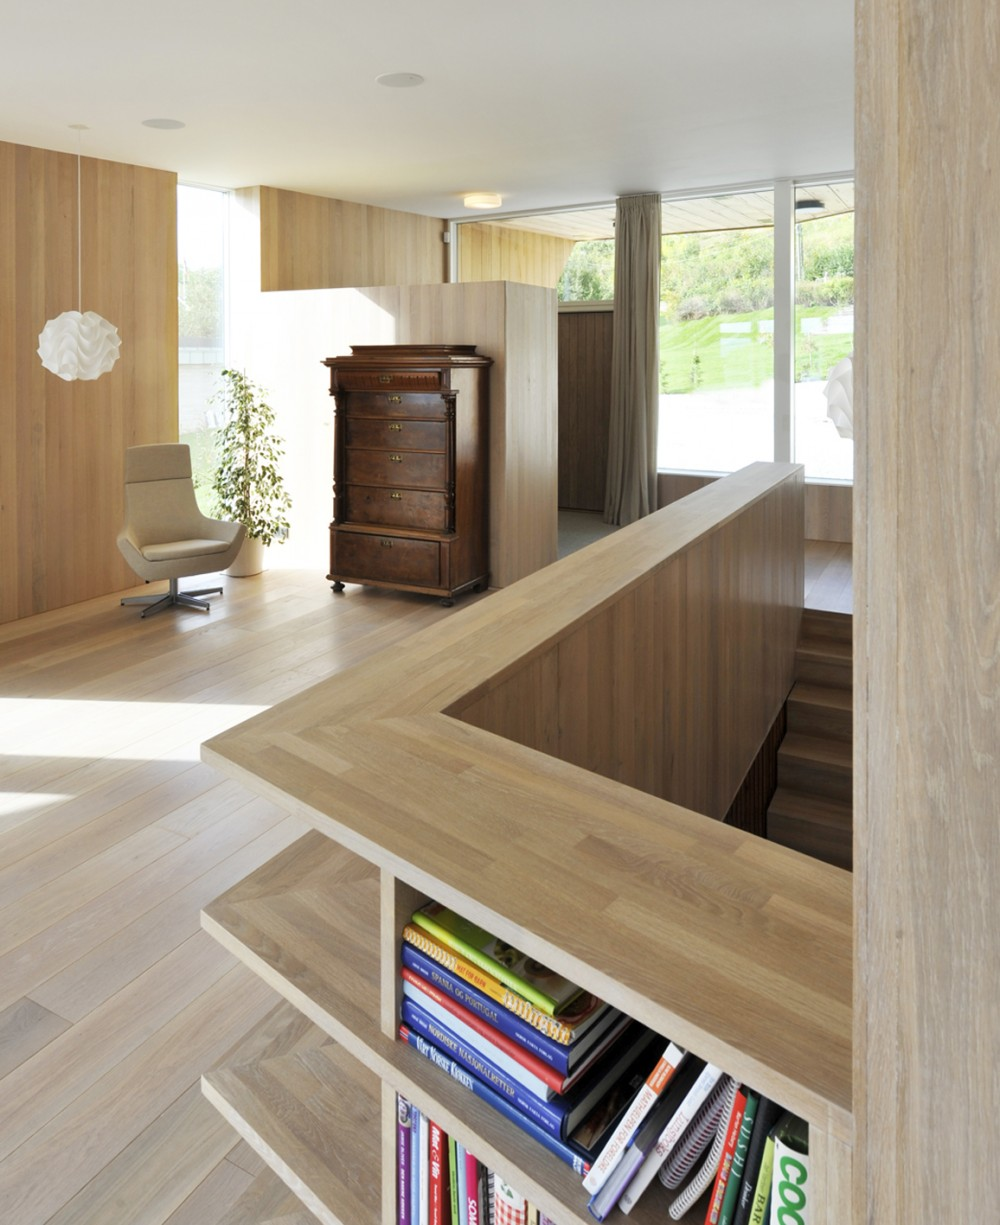 533b86fec07a807cd5000083_casa-dividida-jva_splithouse_interior_living_room-1000x1225